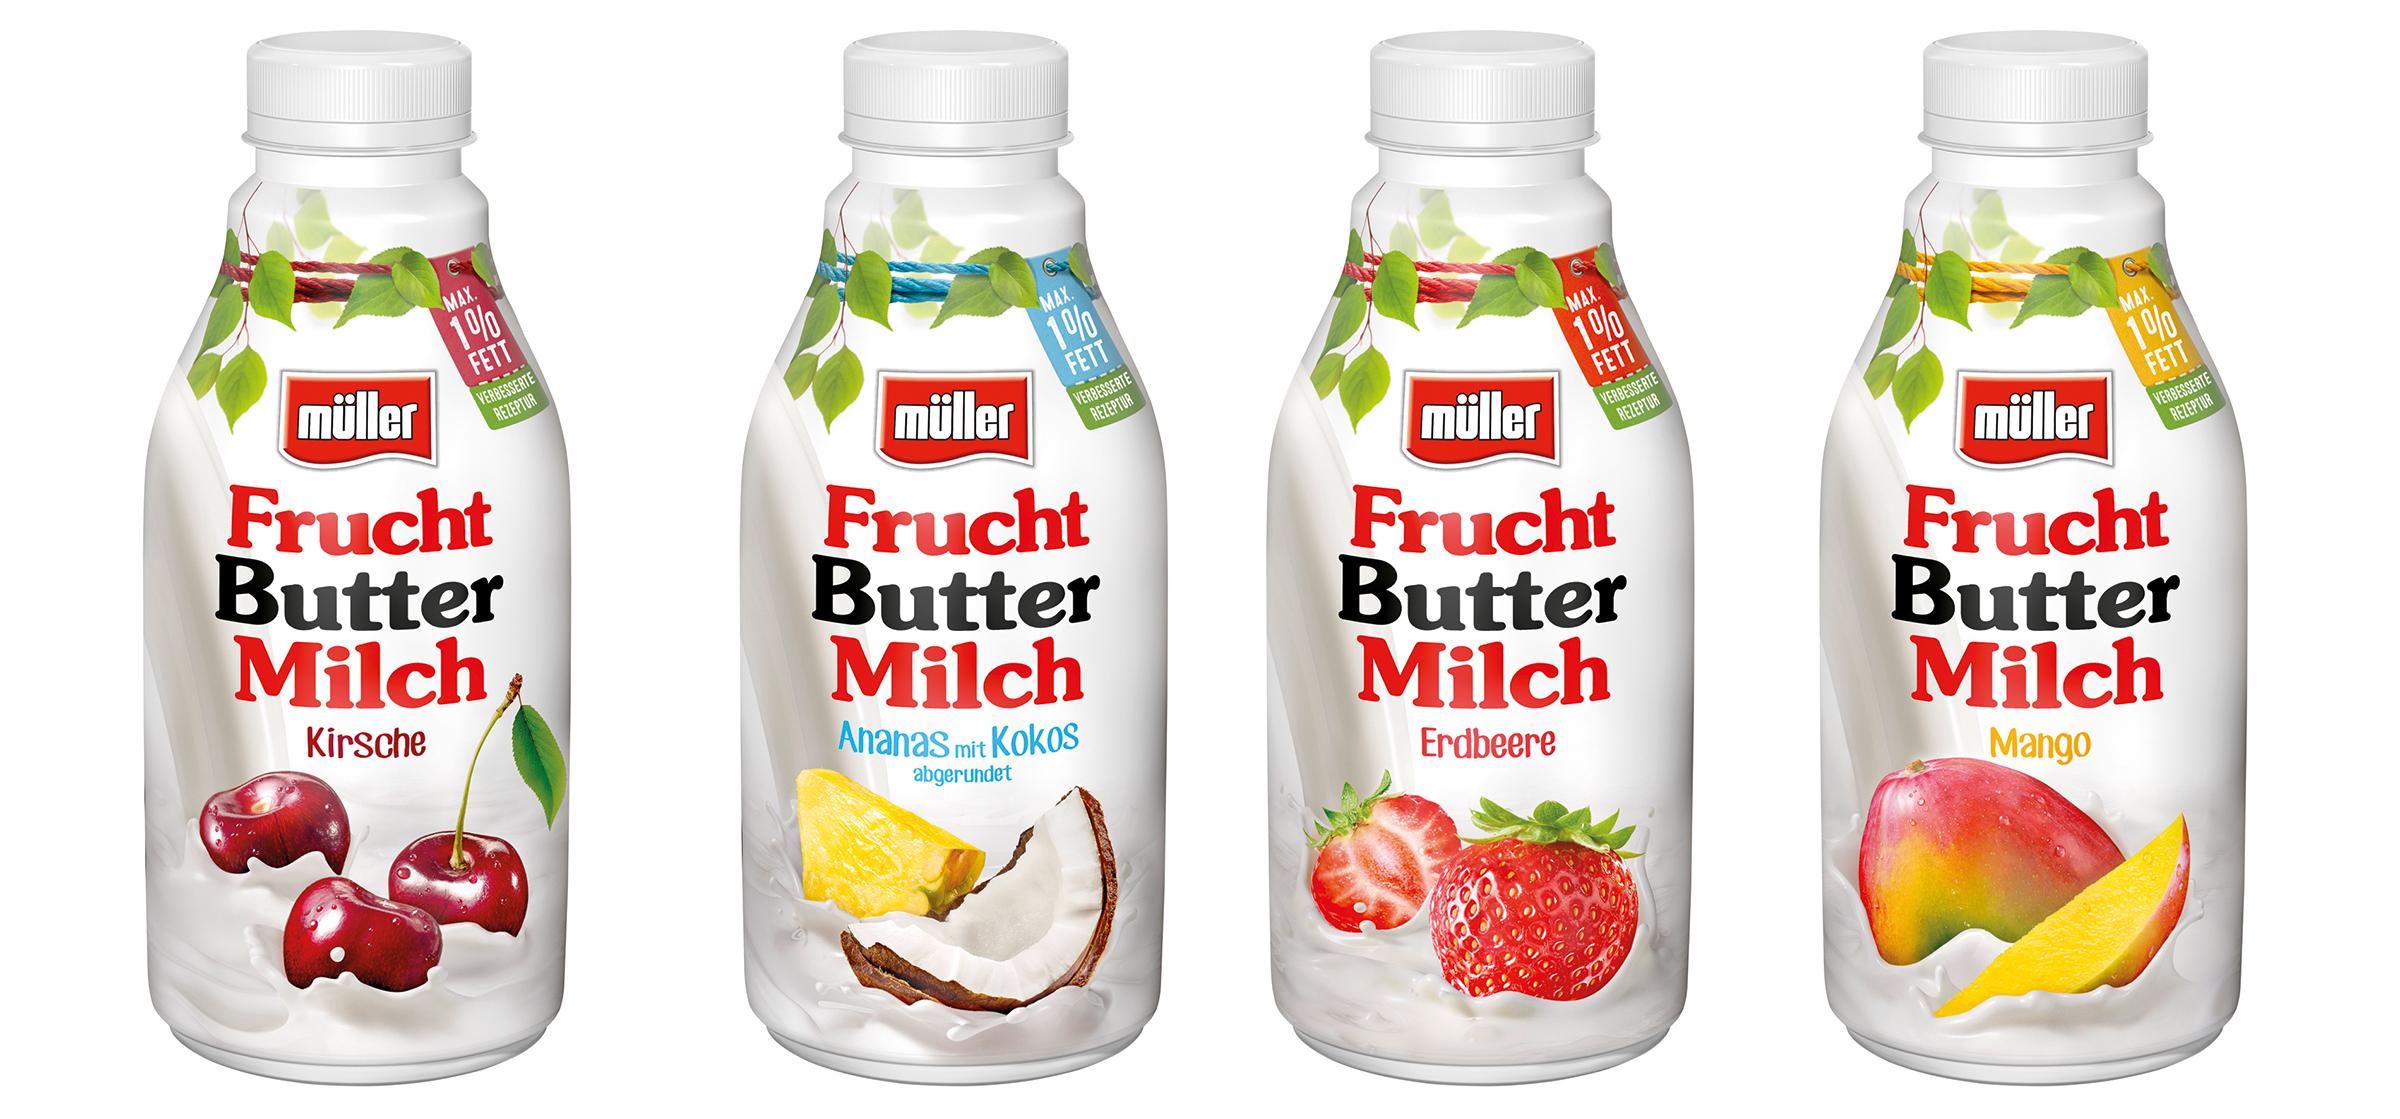 Packungsaufnahmen, 4 Verpackungen von Müller Milch Fruchtbuttermilch als Freisteller vor weißem Hintergrund